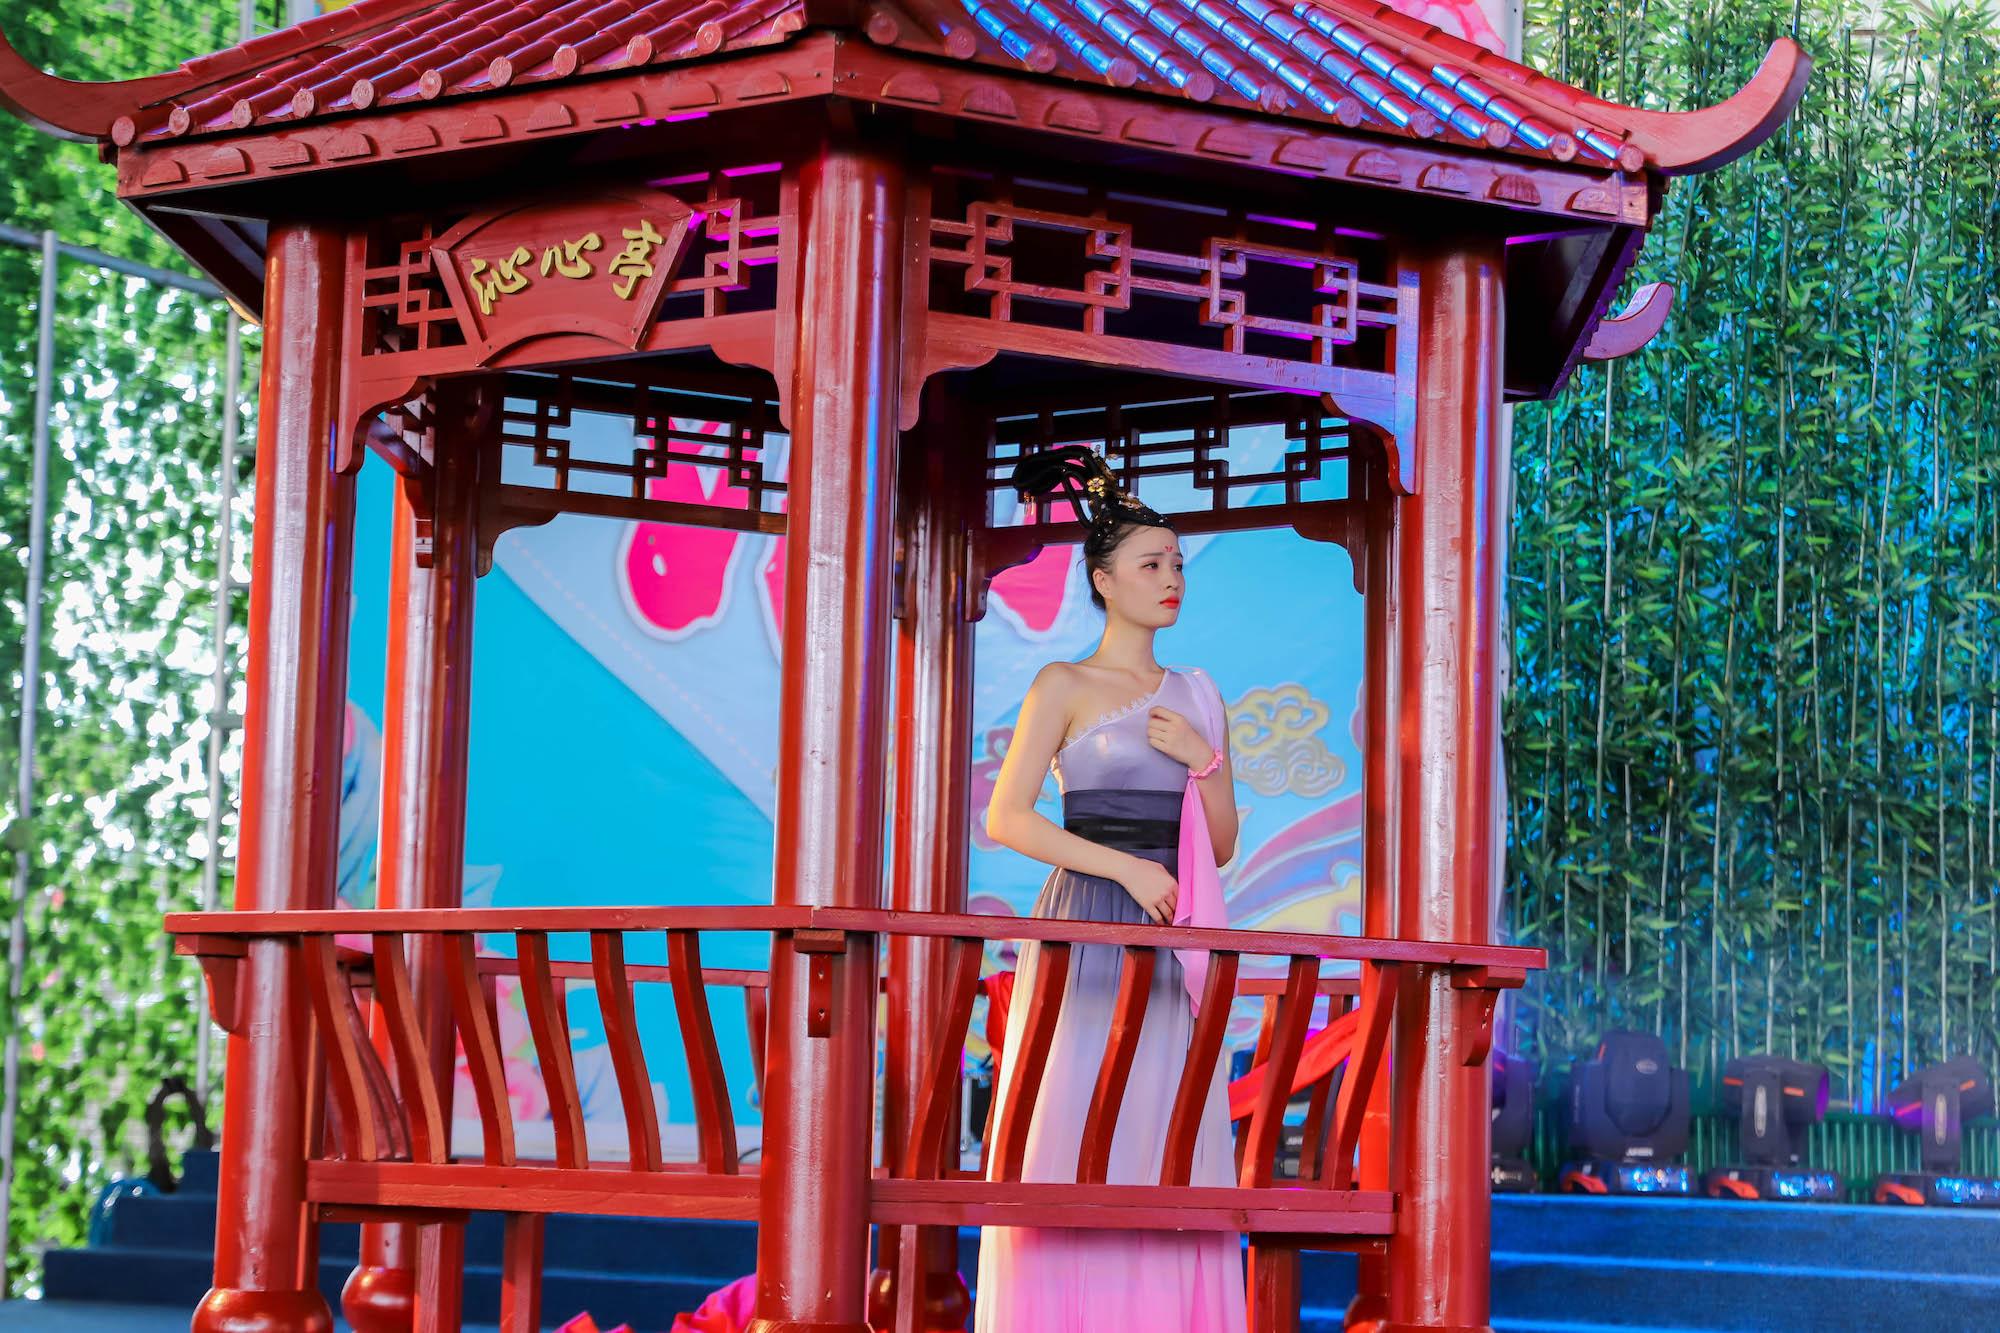 广东观音山举行大型汉服主题活动 现场上演古代婚礼秀